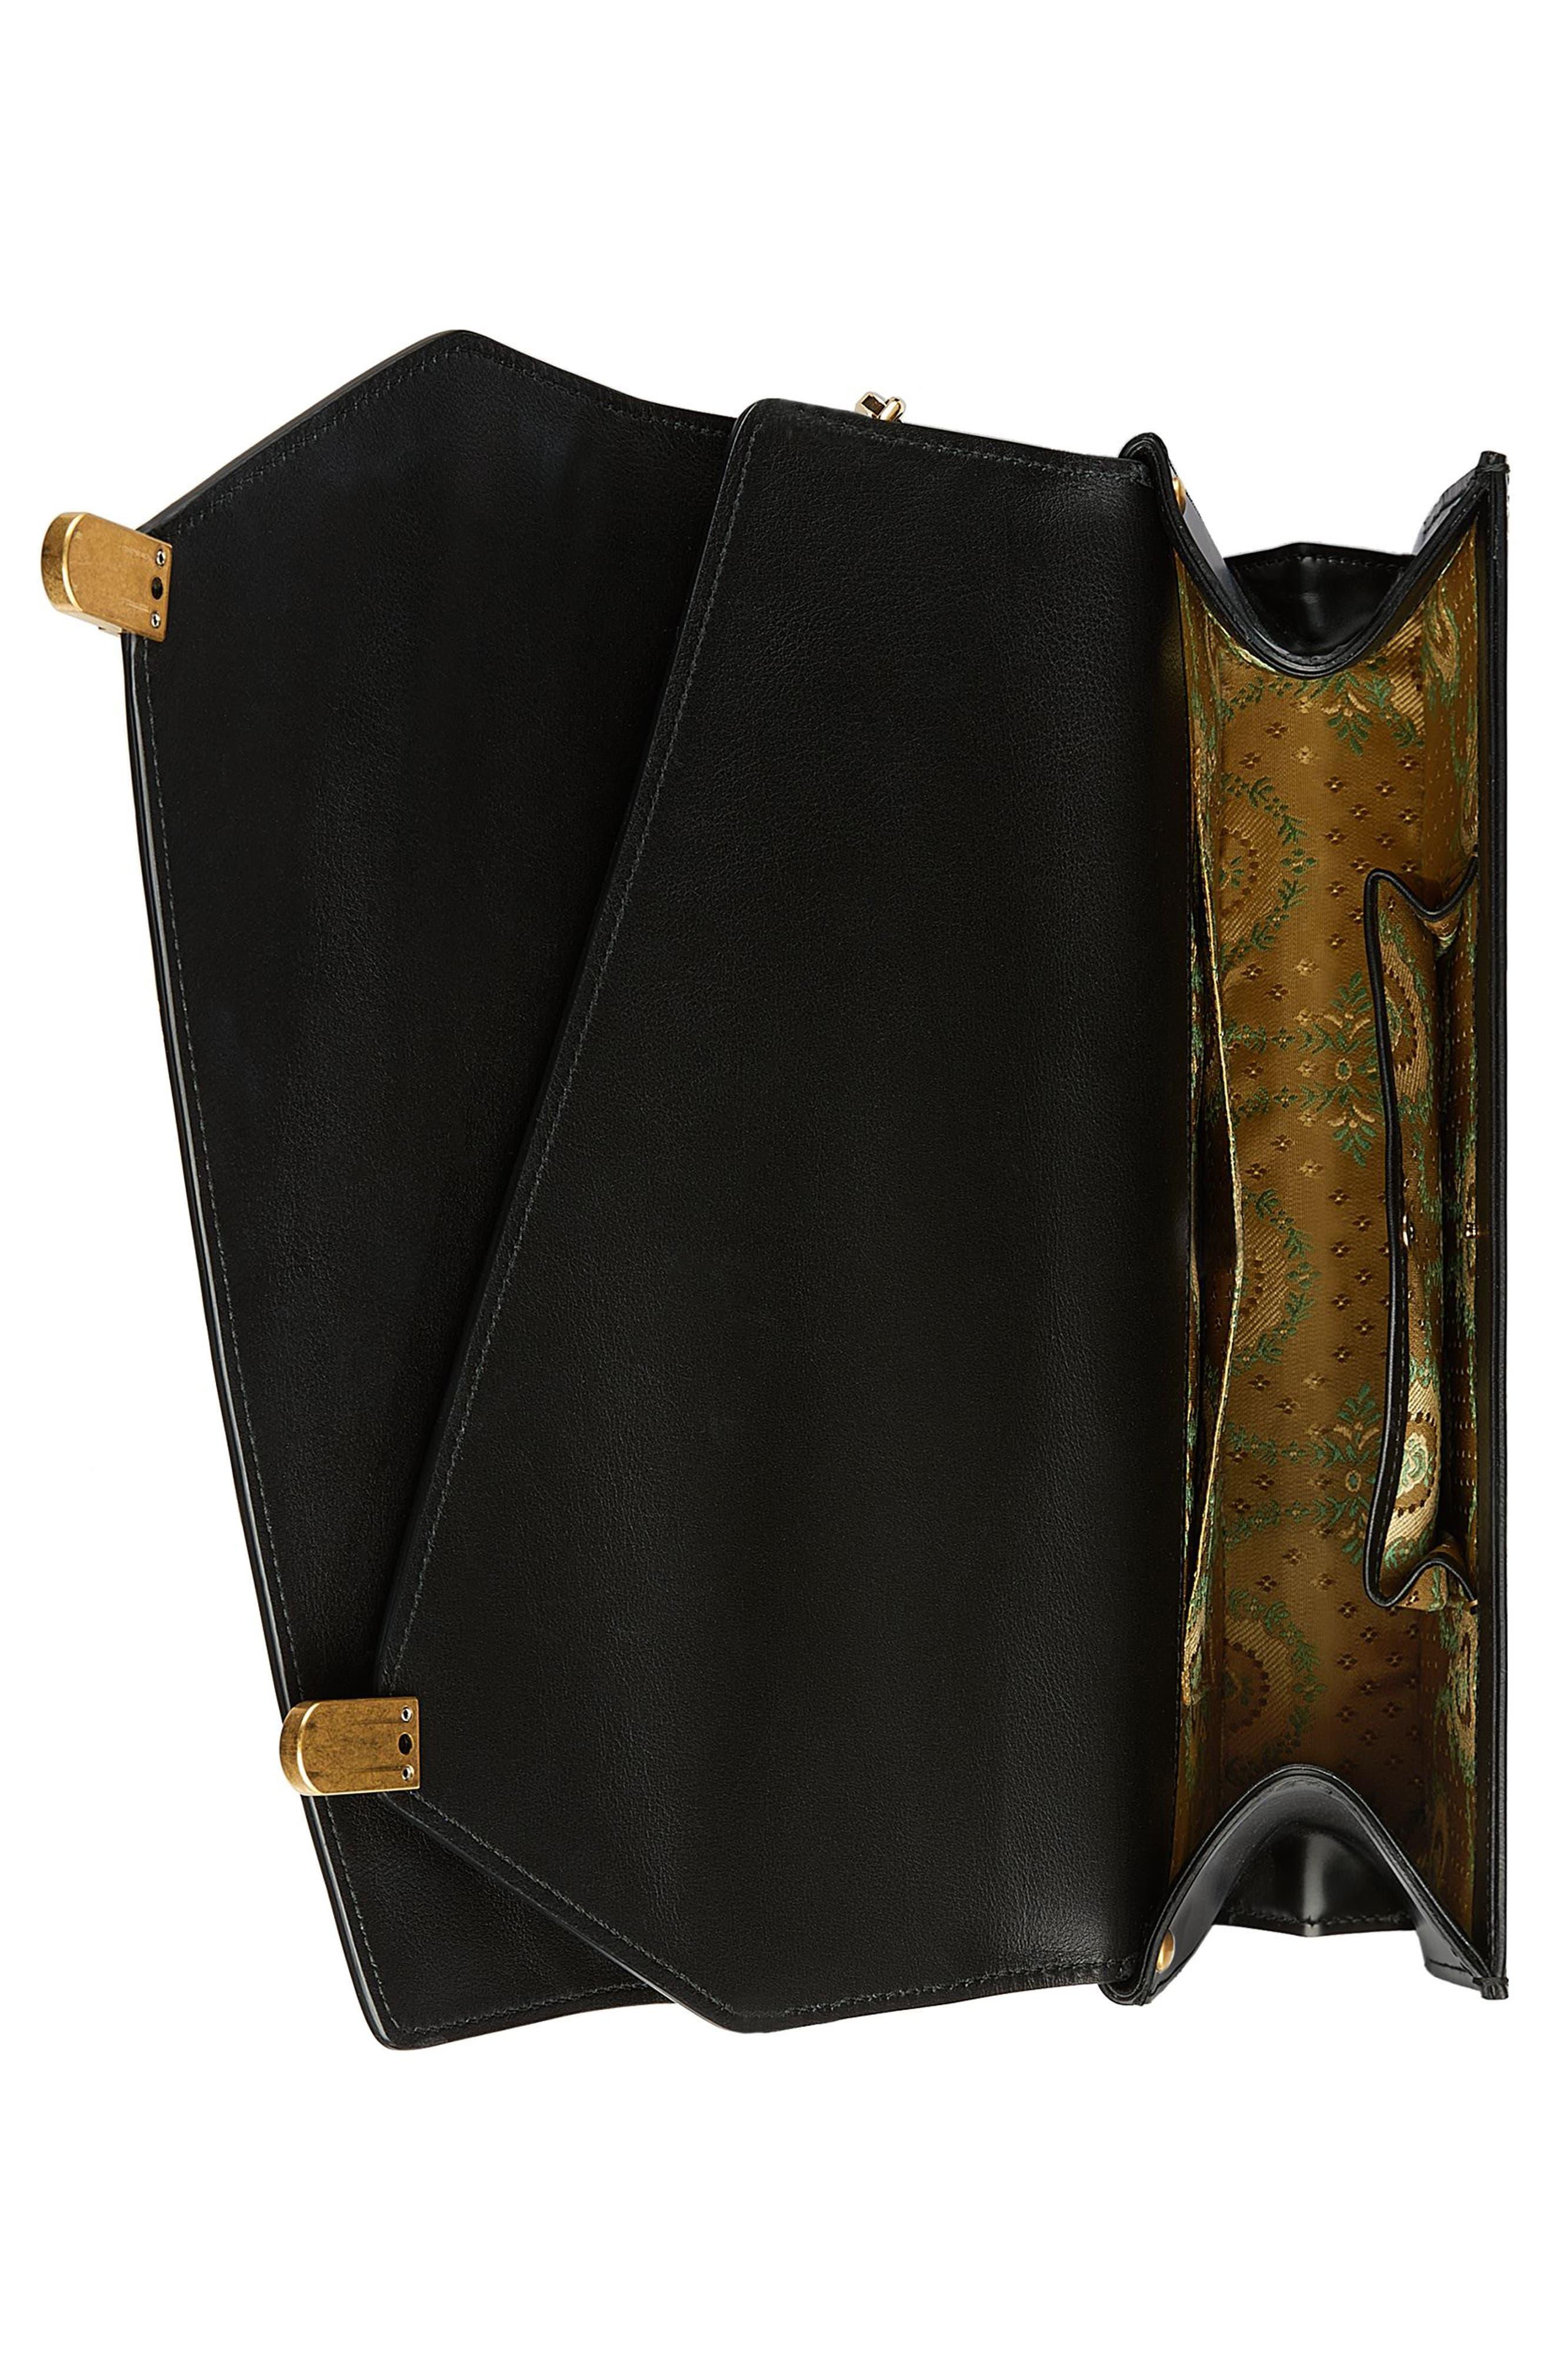 Linea P Border Leather Double Flap Top Handle Satchel,                             Alternate thumbnail 3, color,                             001